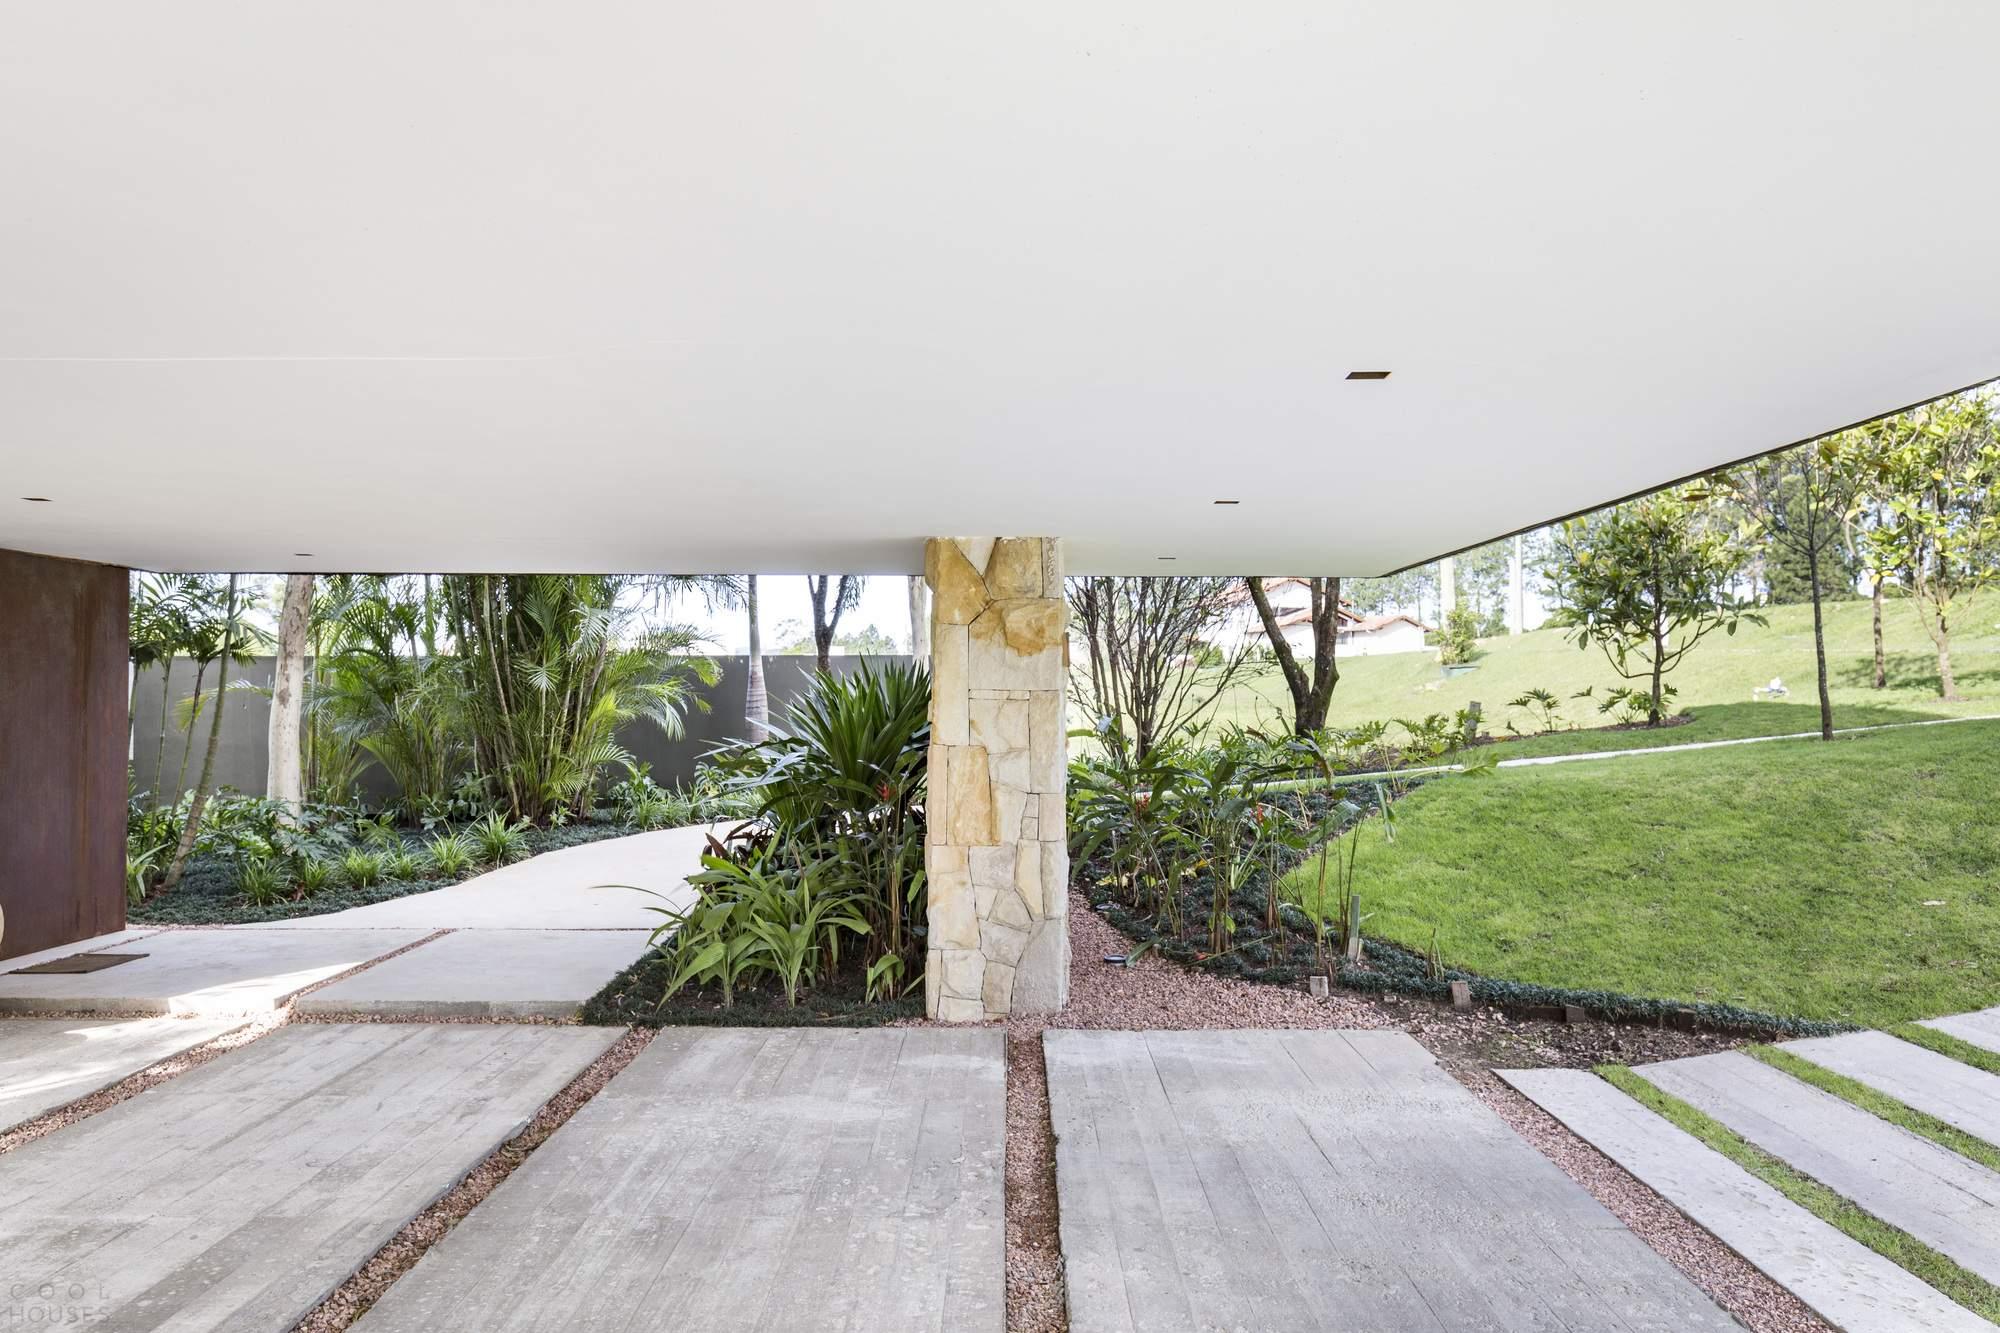 «Угловой дом» с видом на озеро, Бразилия